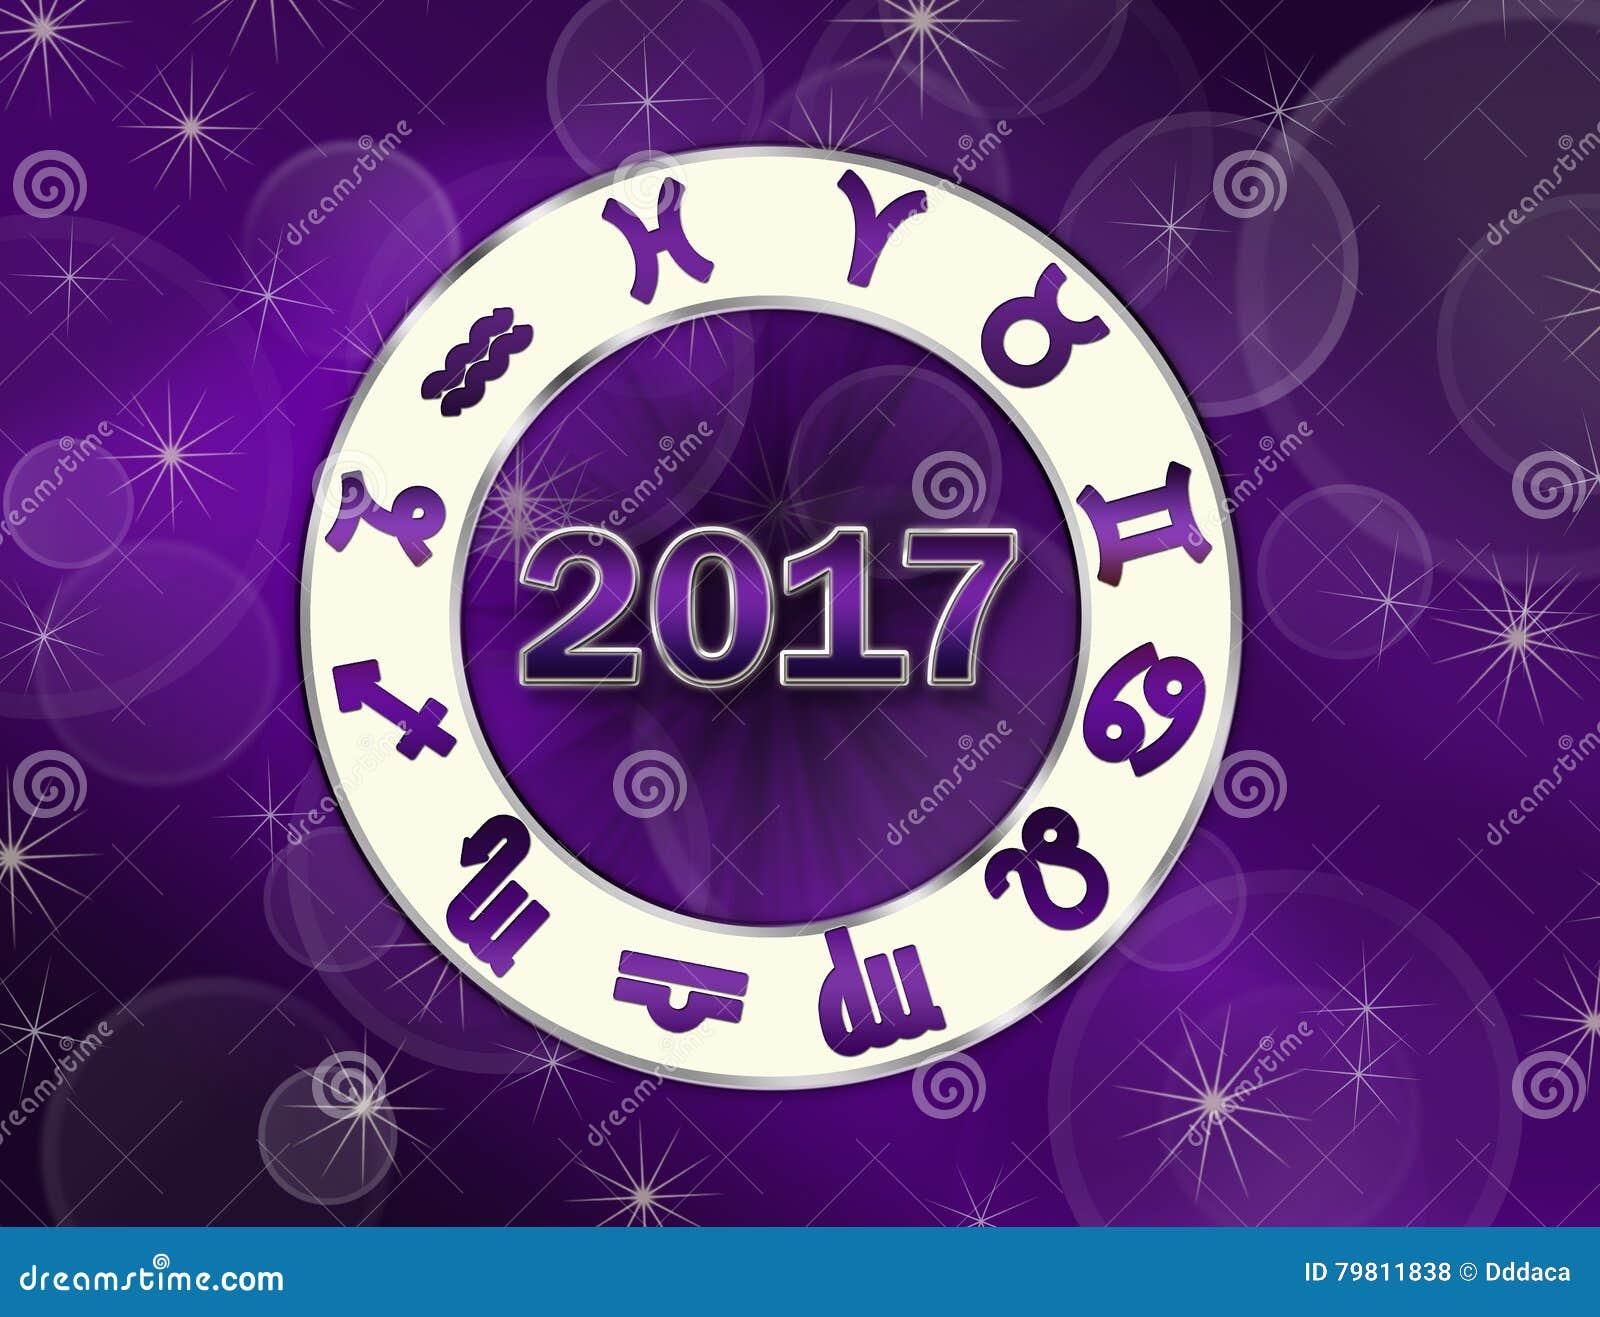 Christmas Astro 2017 Natal Chart With Horoscope Symbols Stock